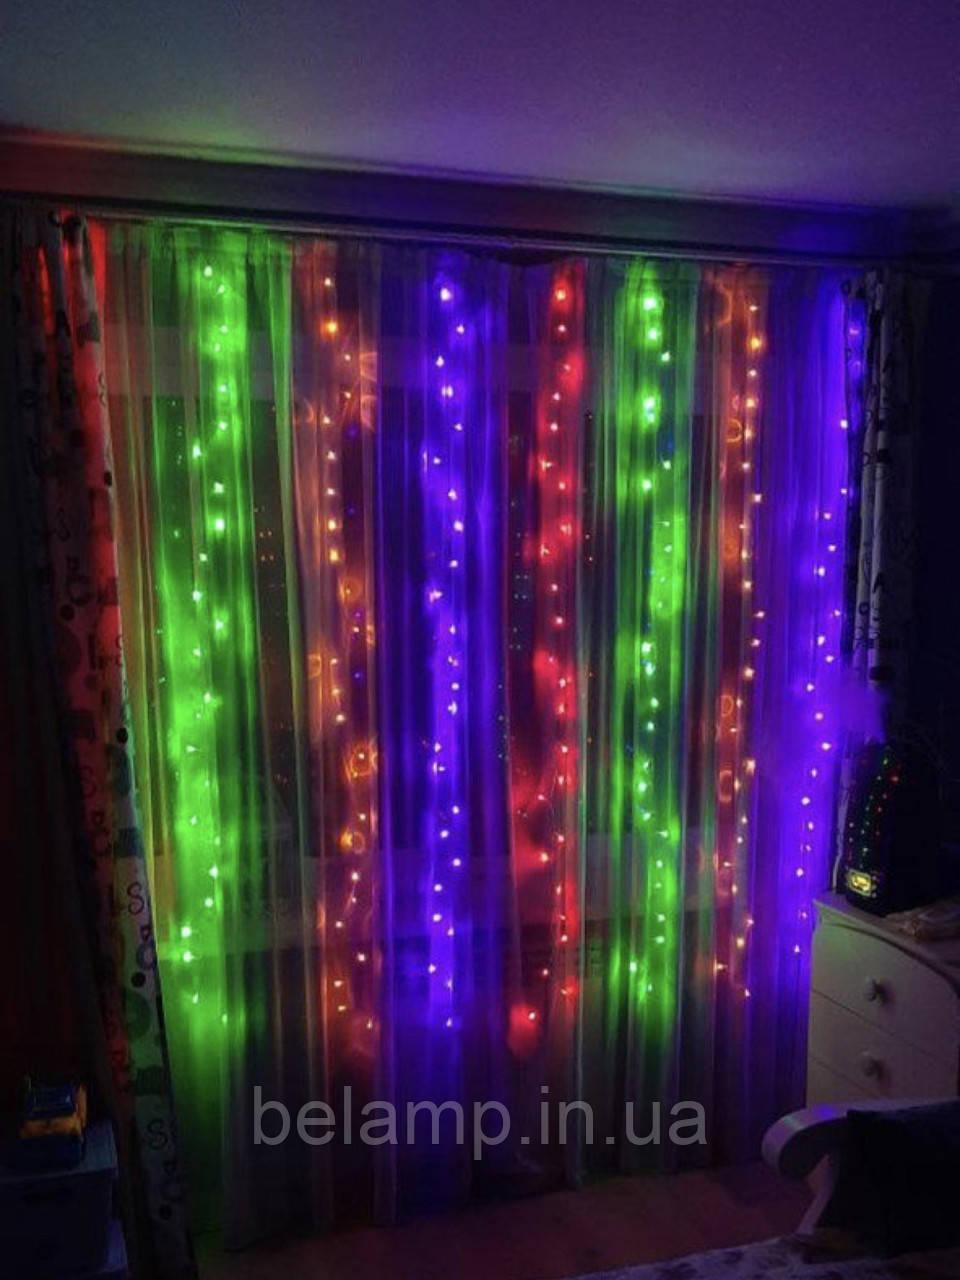 Новогодняя гирлянда штора 2 на 2 метра. 200 led. Разноцветные огни